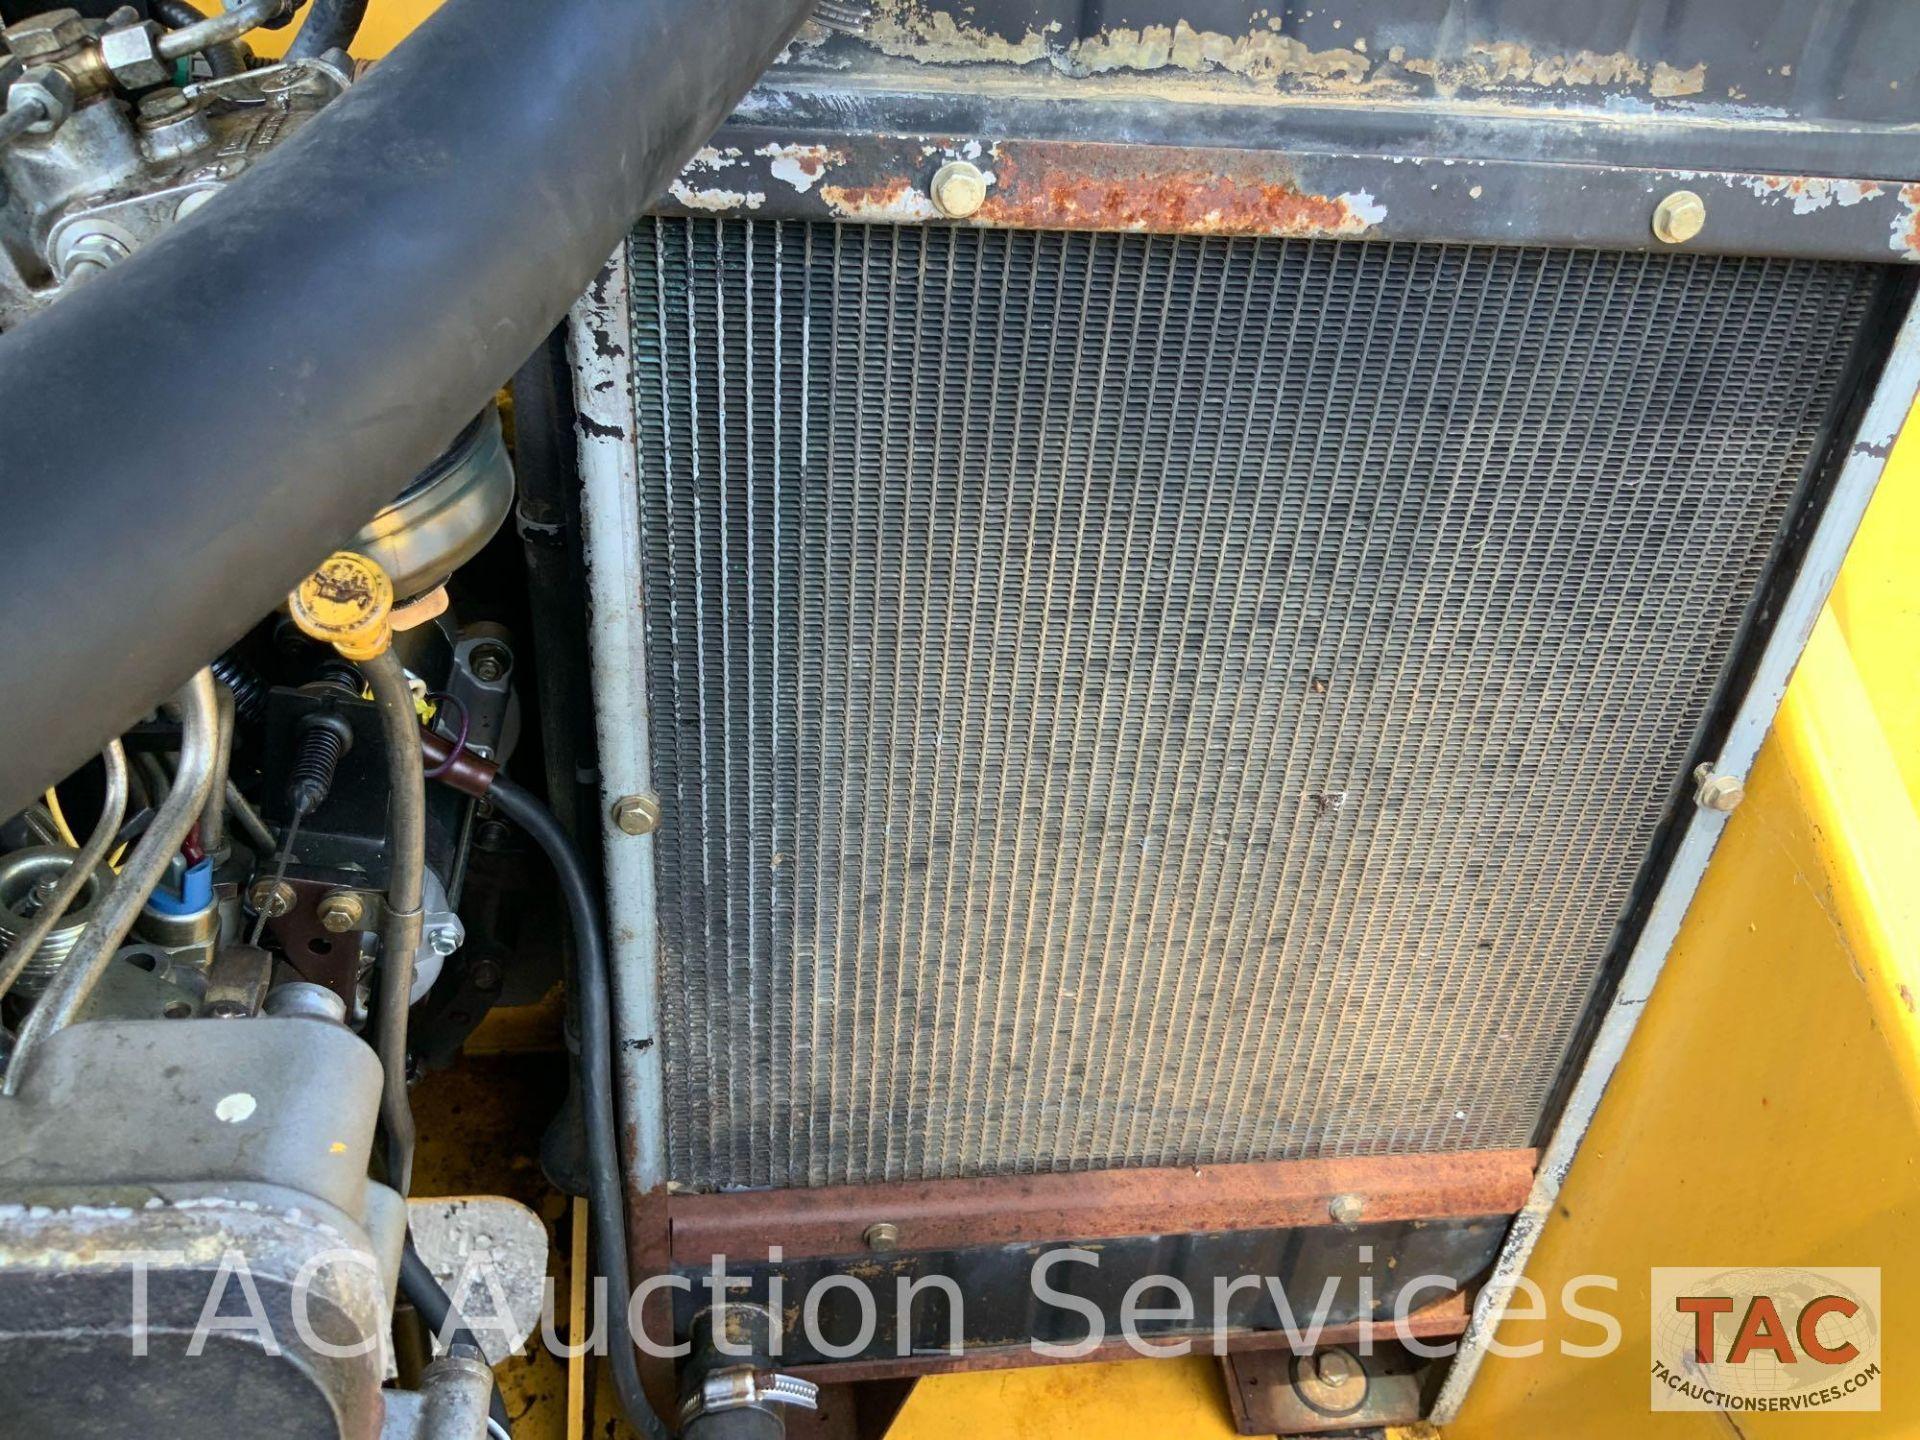 1999 New Holland LM840 Telehandler Forklift - Image 11 of 25